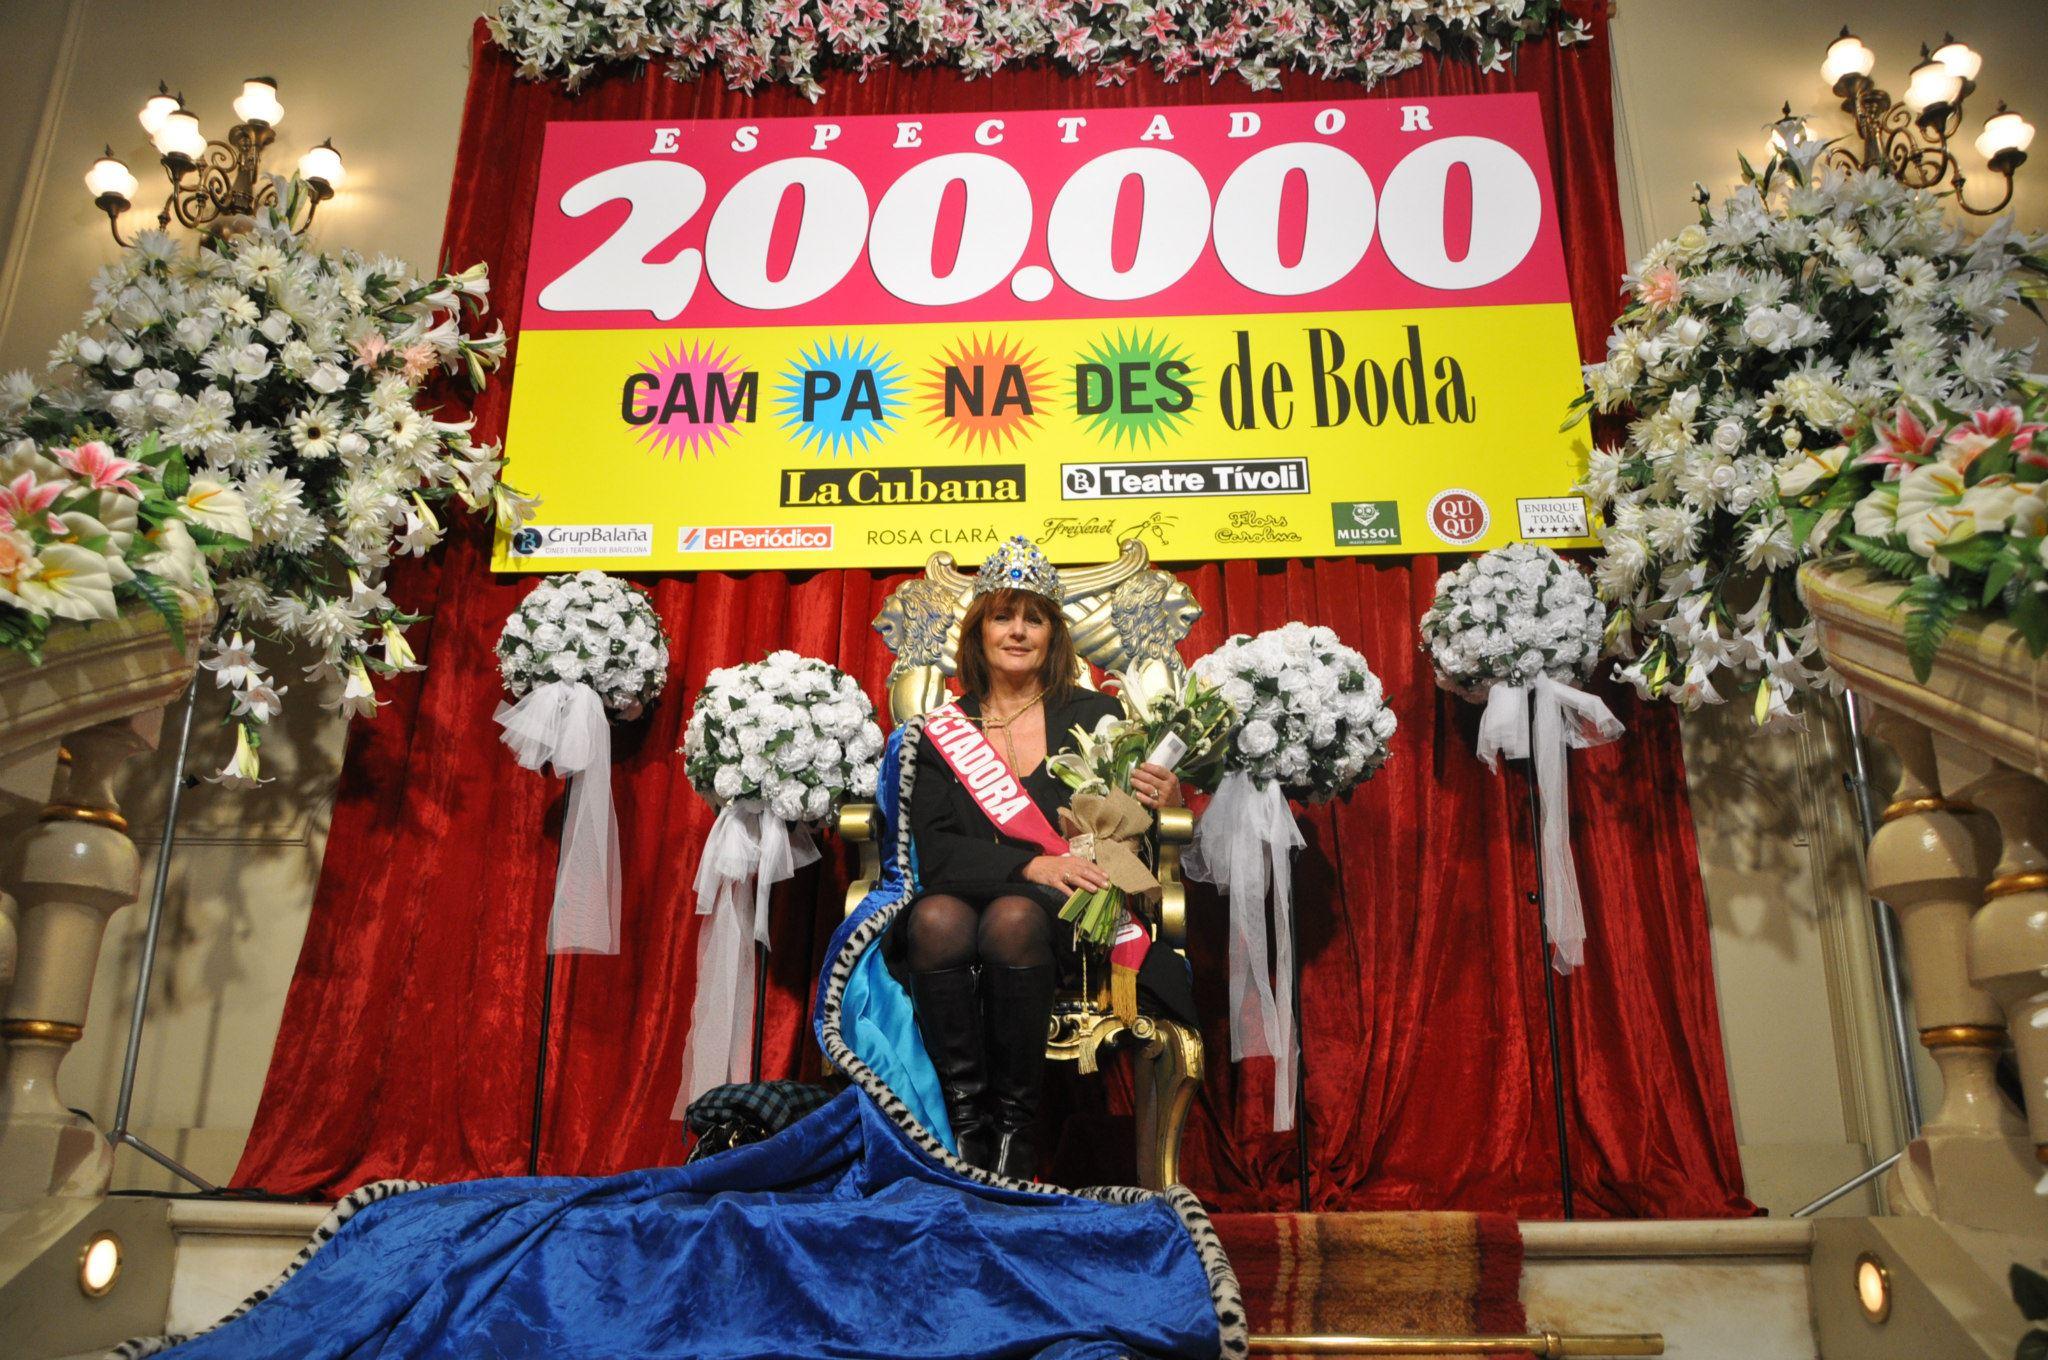 La Cubana llega a los 200.000 espectadores con Campanades de Boda y lo celebra por todo lo alto